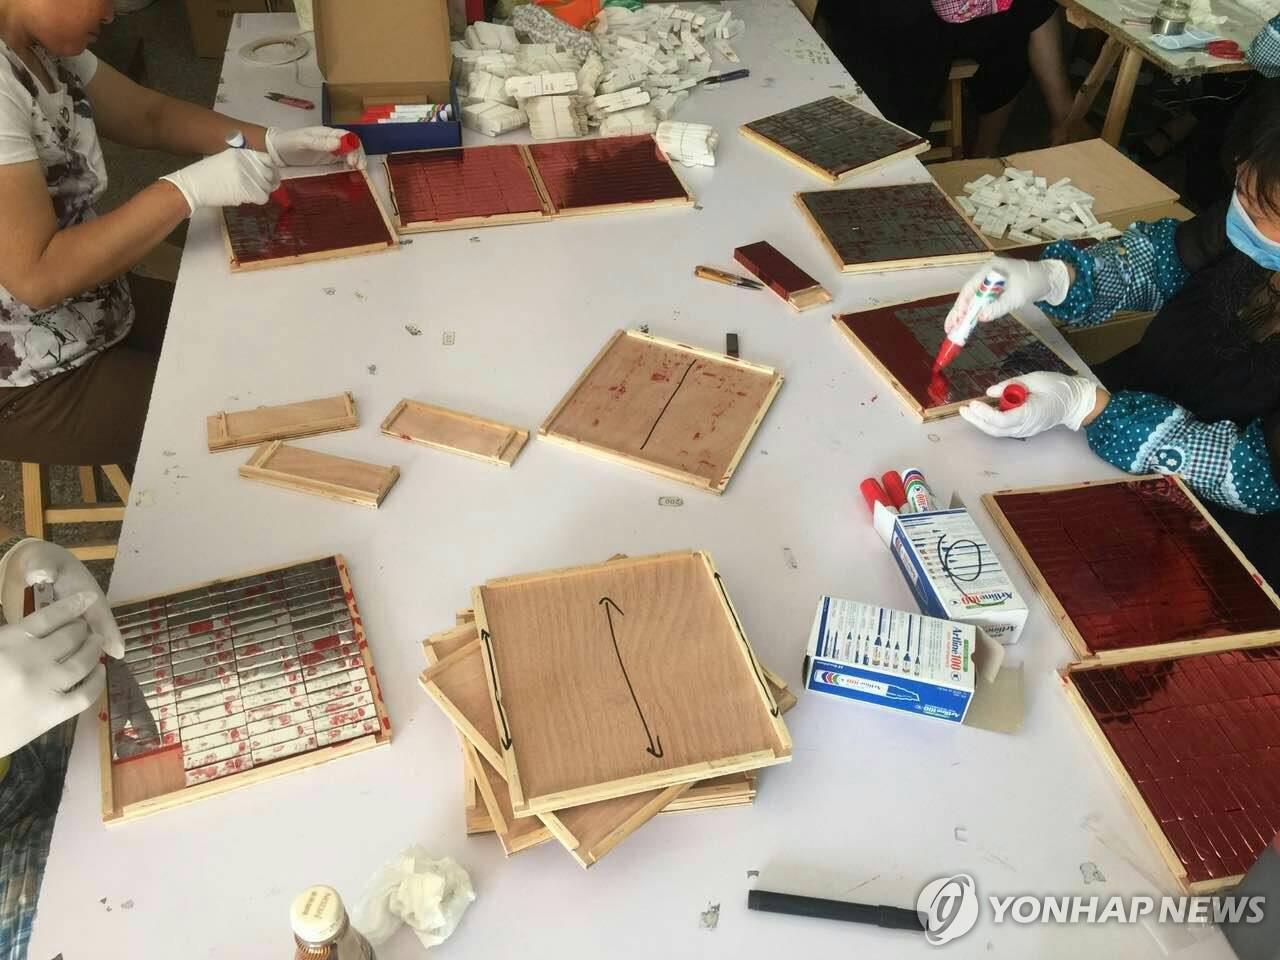 YG娱乐公开的U盘制作过程(韩联社/YG娱乐提供)